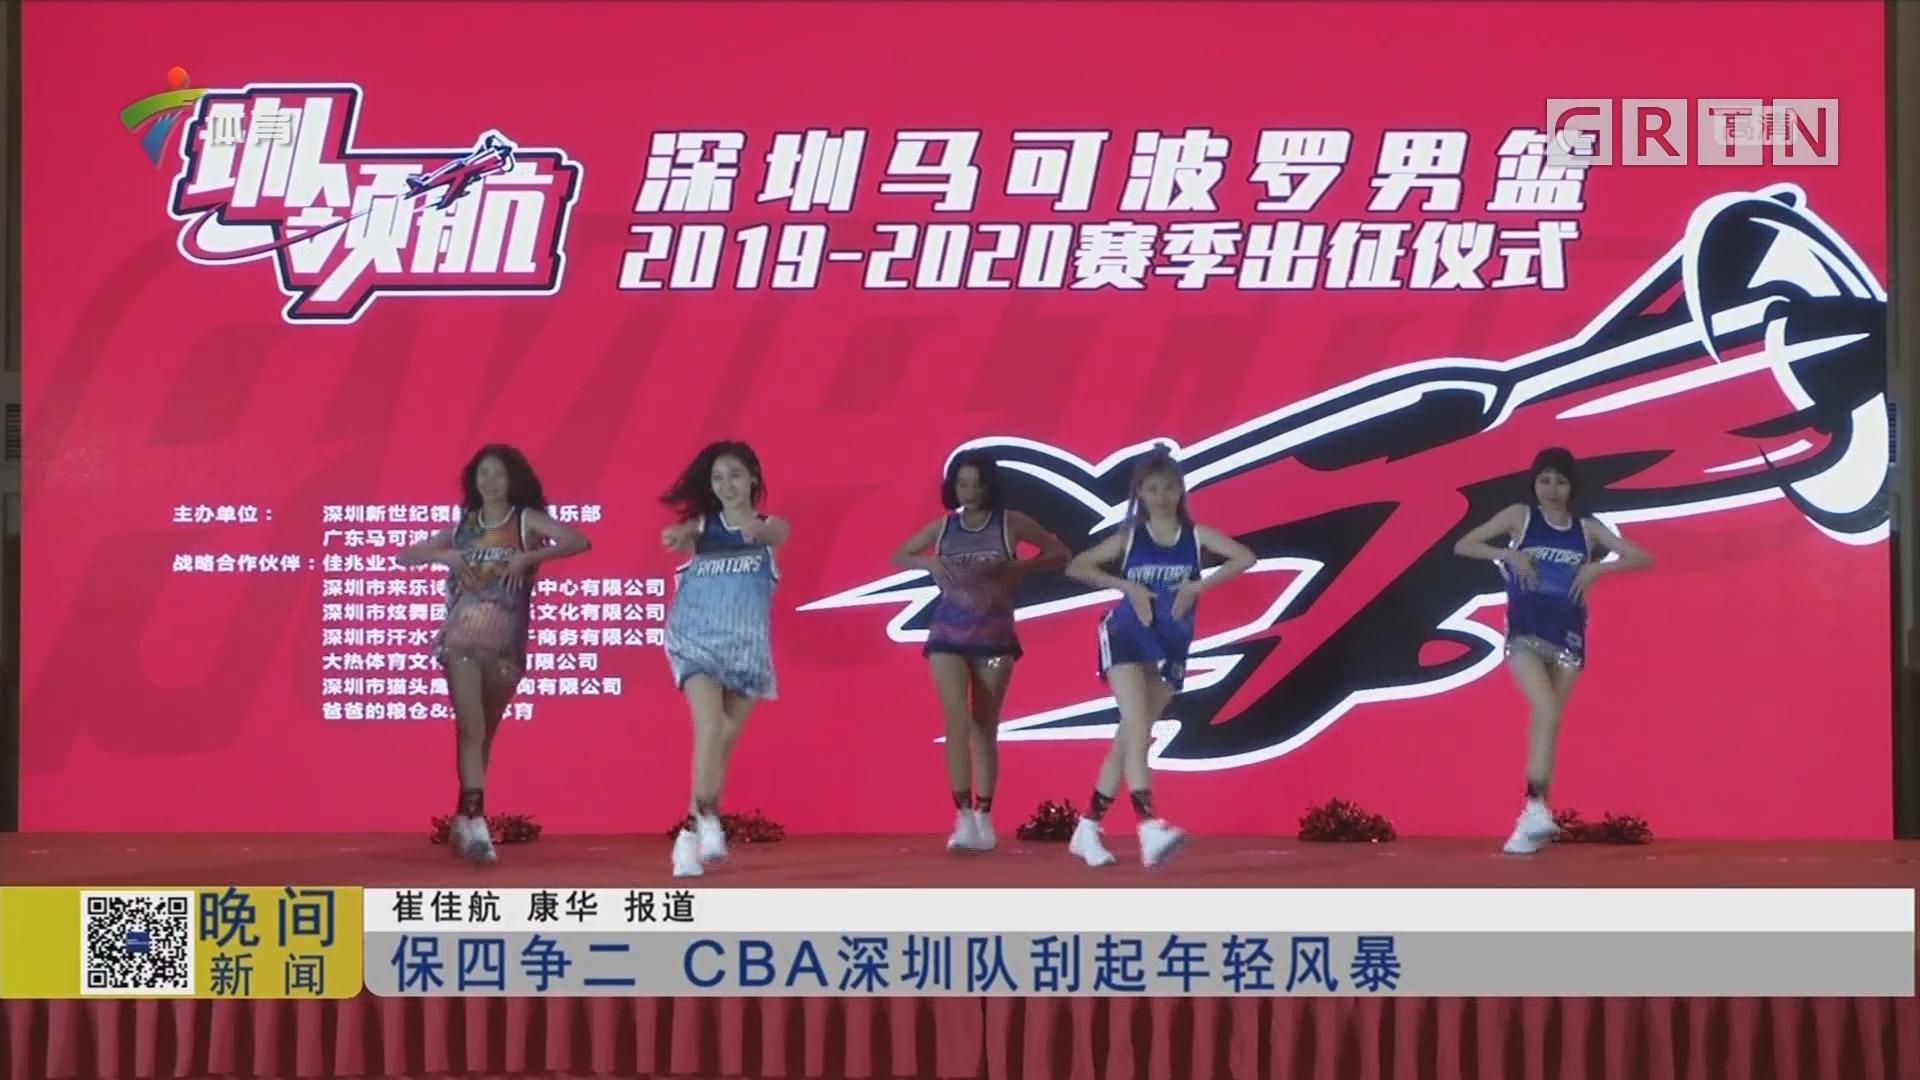 保四争二 CBA深圳队刮起年轻风暴